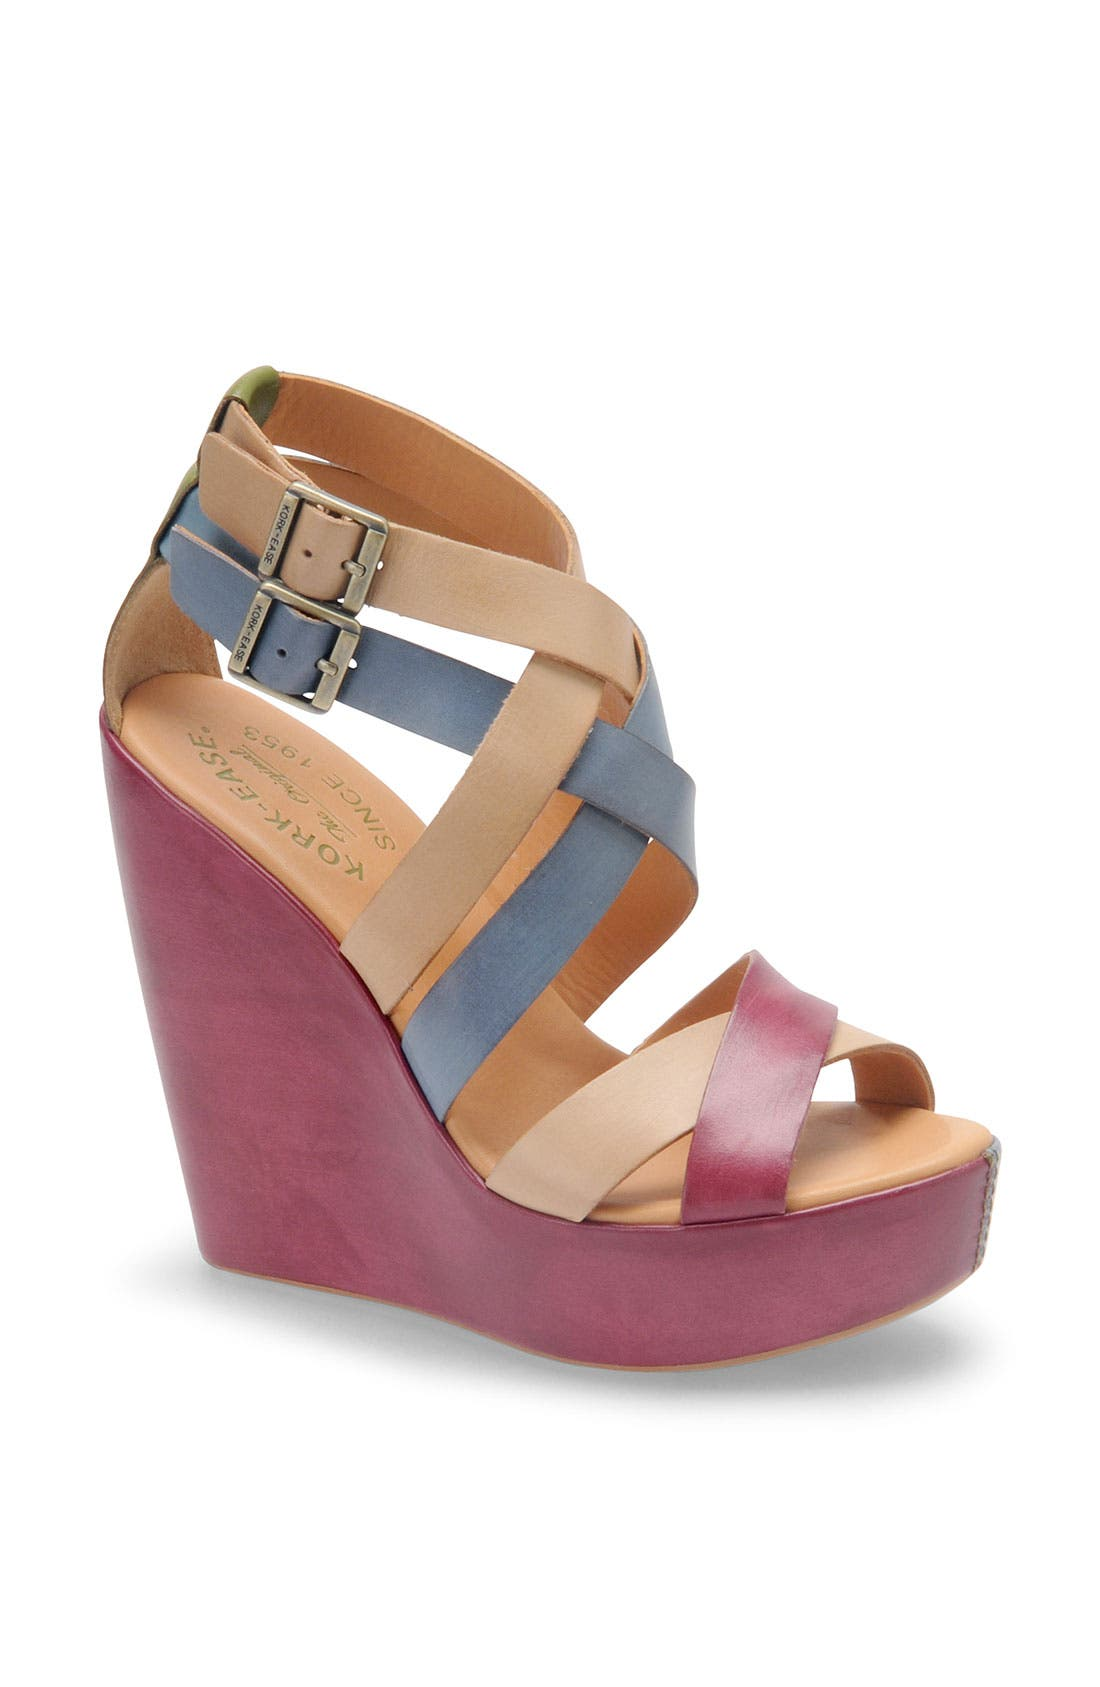 Alternate Image 1 Selected - Kork-Ease 'Hailey' Wedge Sandal